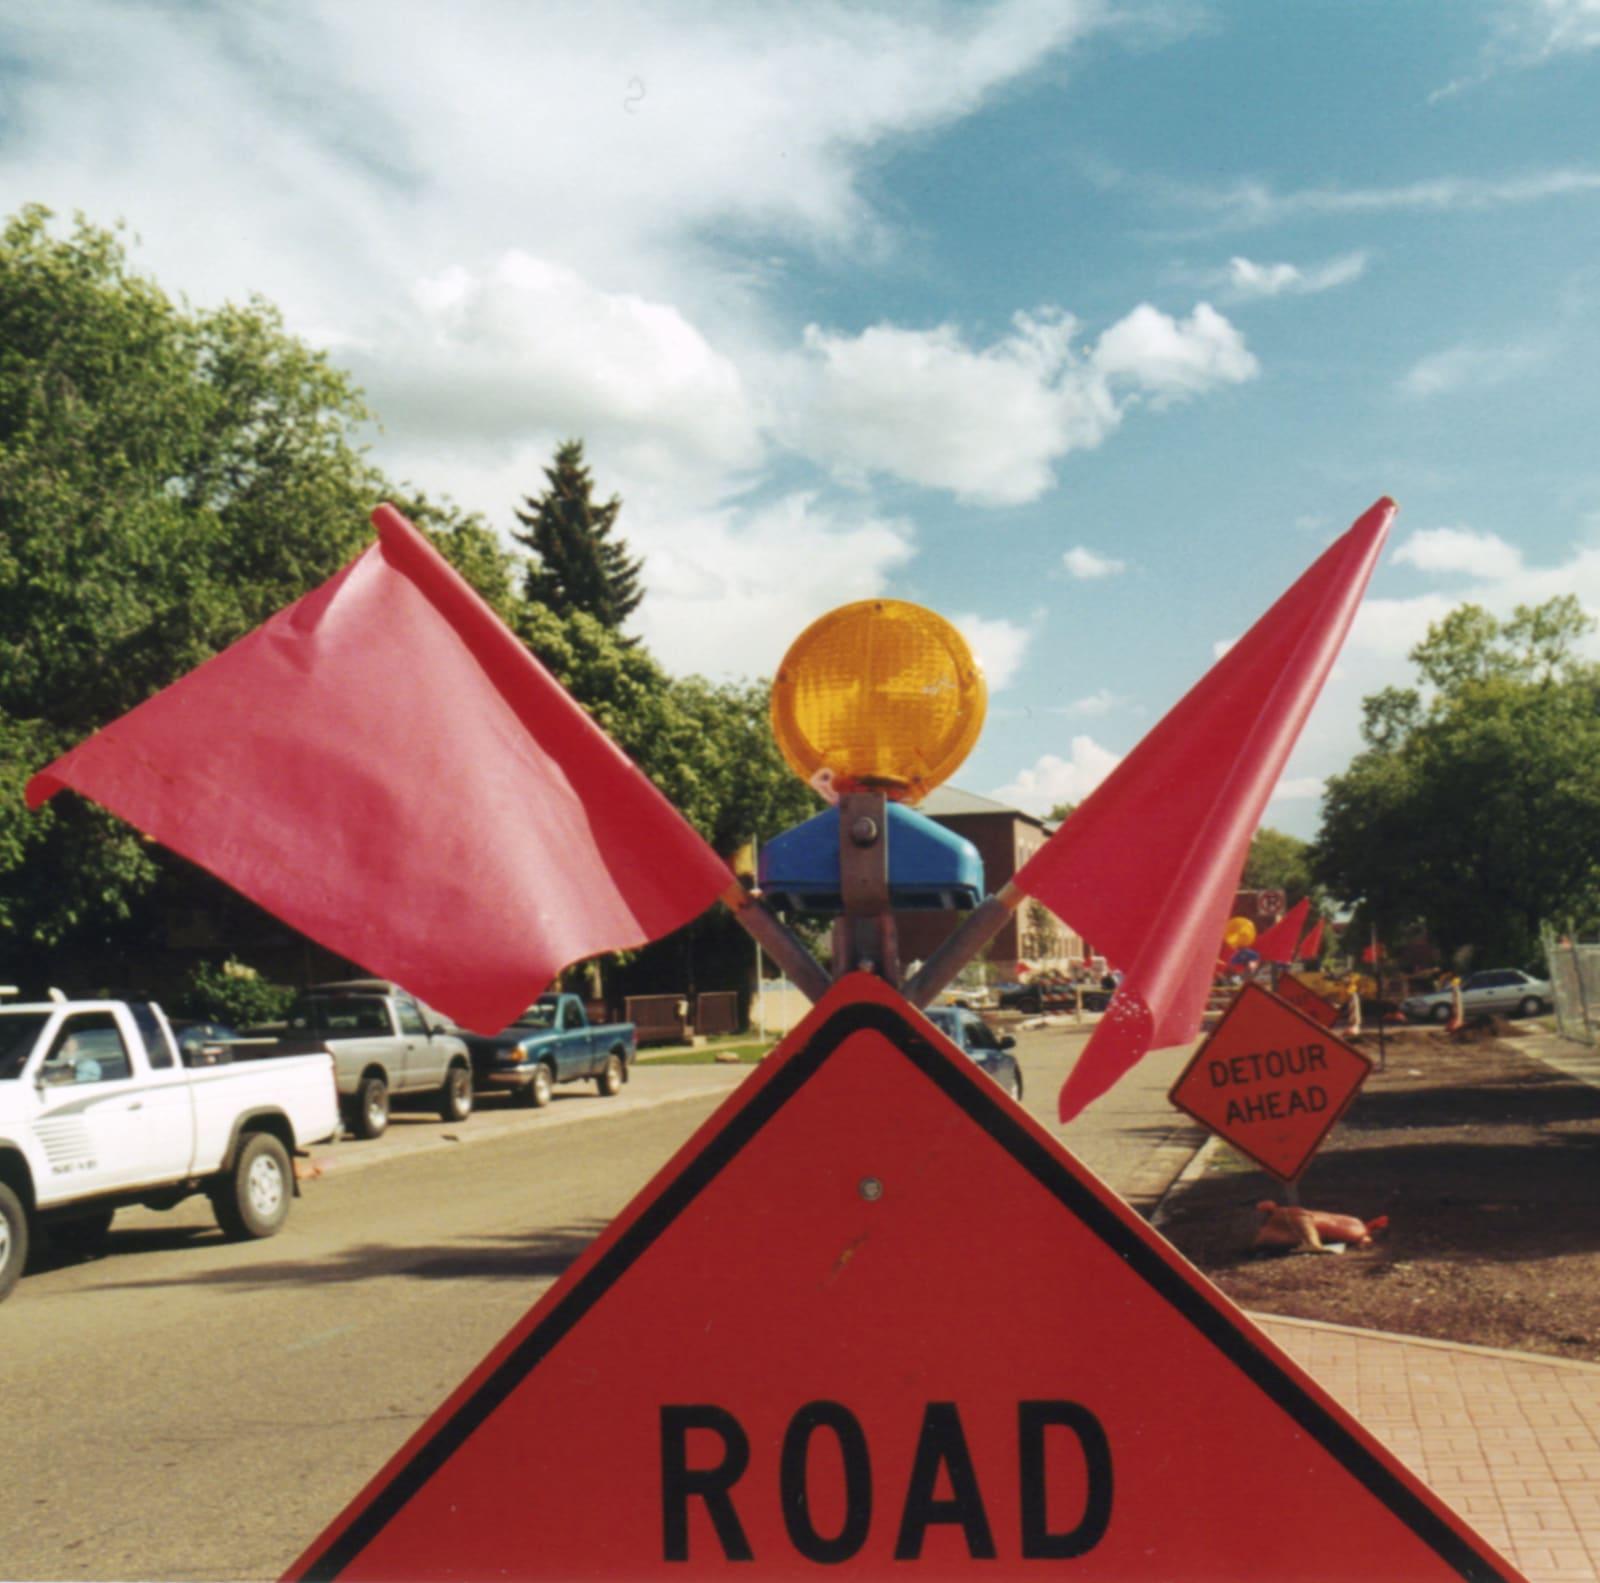 Road, duratrans lightbox, 122 x 122 cm, 2000